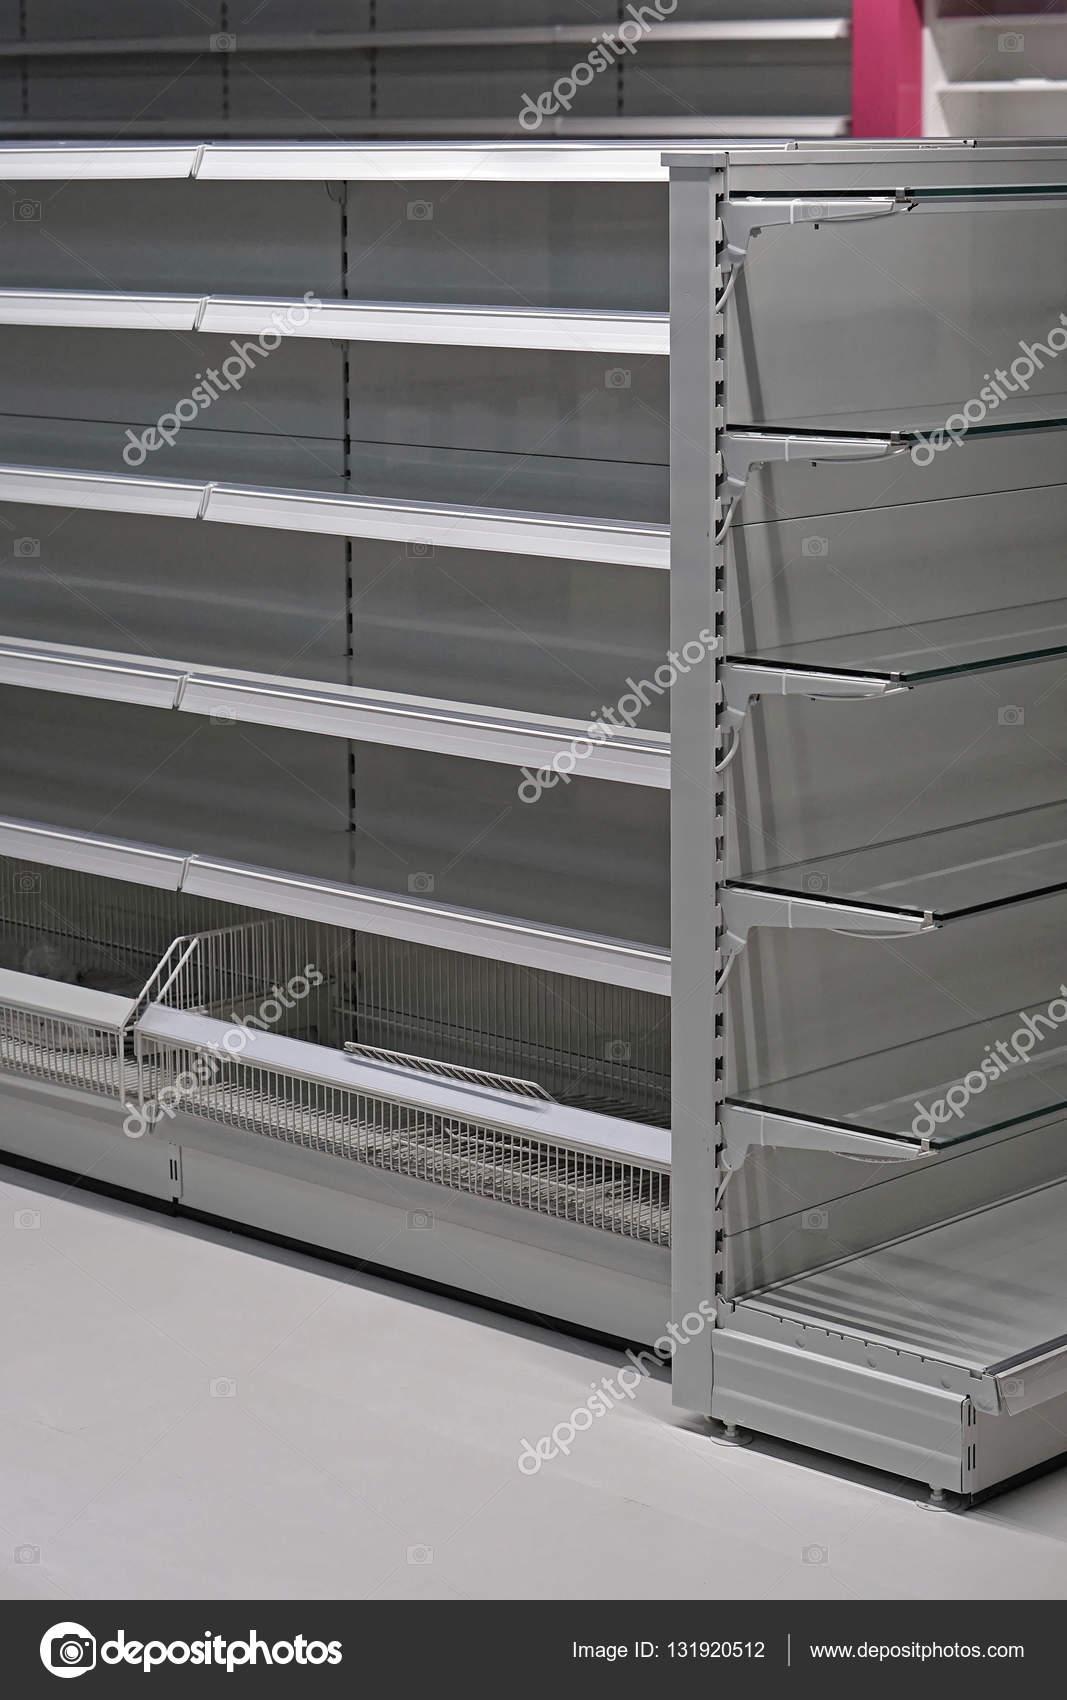 Puste Półki W Sklepie Spożywczym Zdjęcie Stockowe